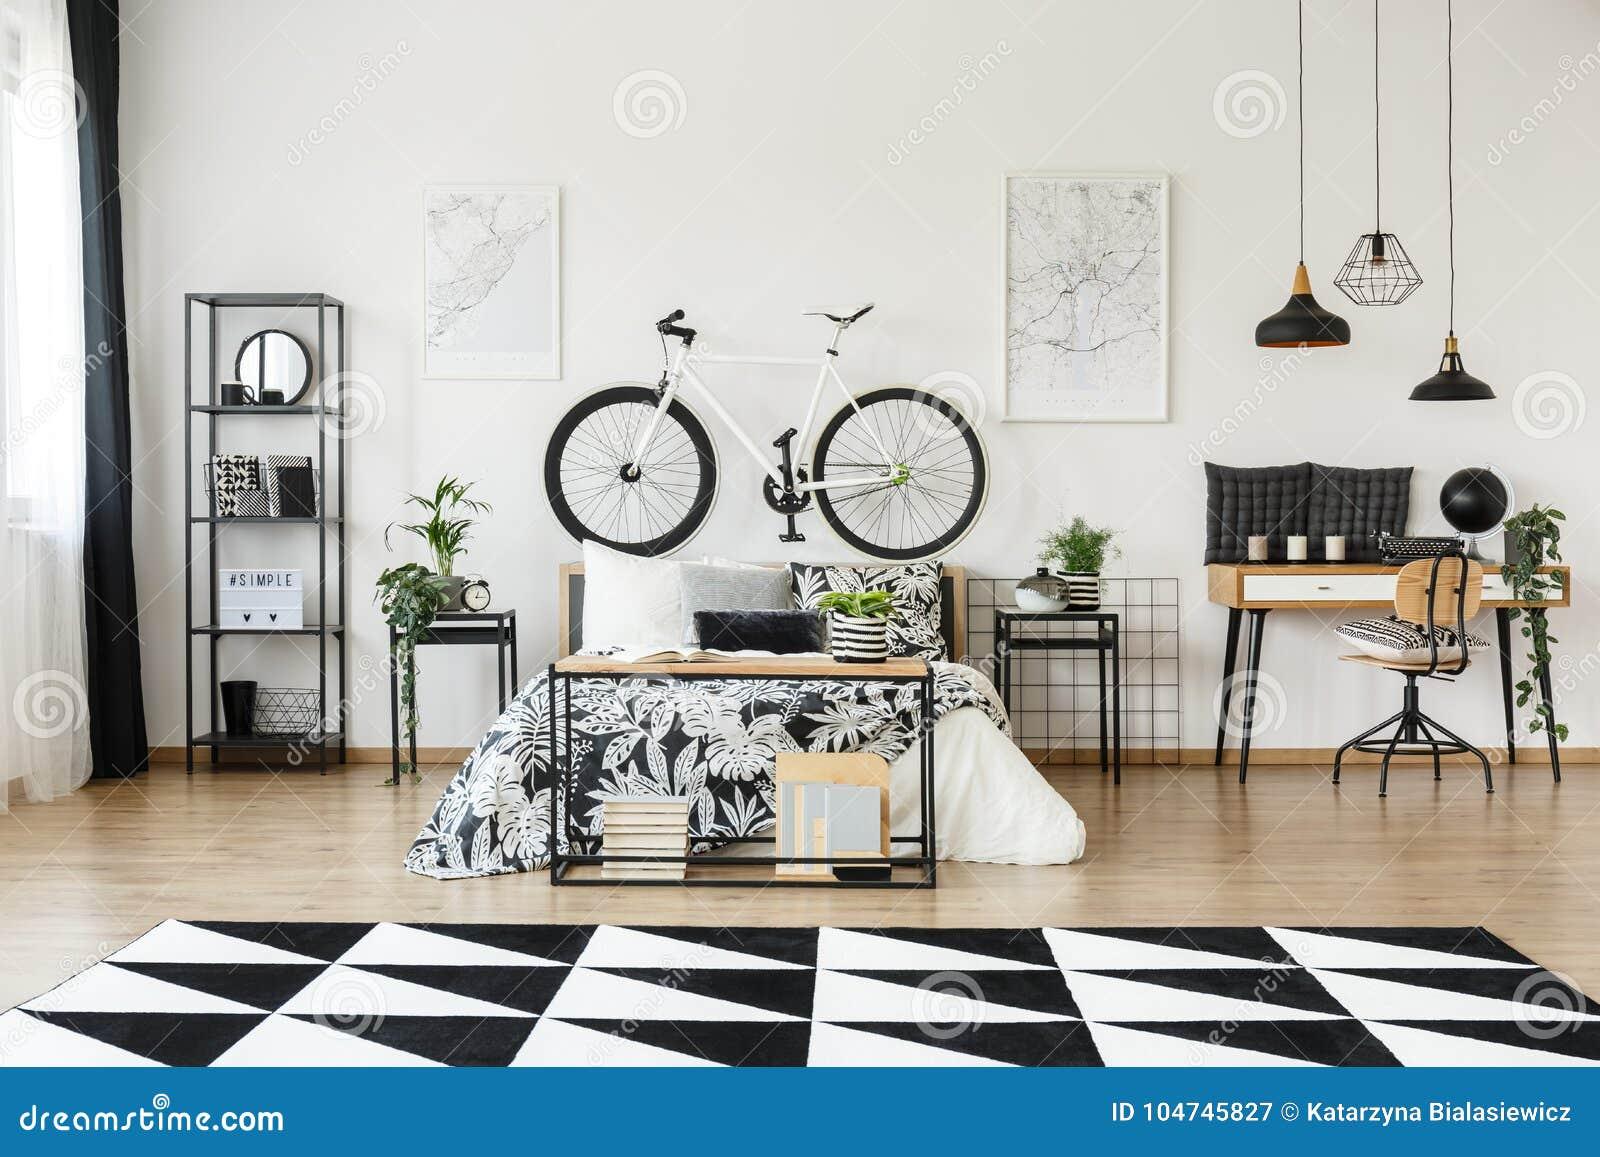 Schreibtisch Und Fahrrad Im Schlafzimmer Stockbild - Bild ...